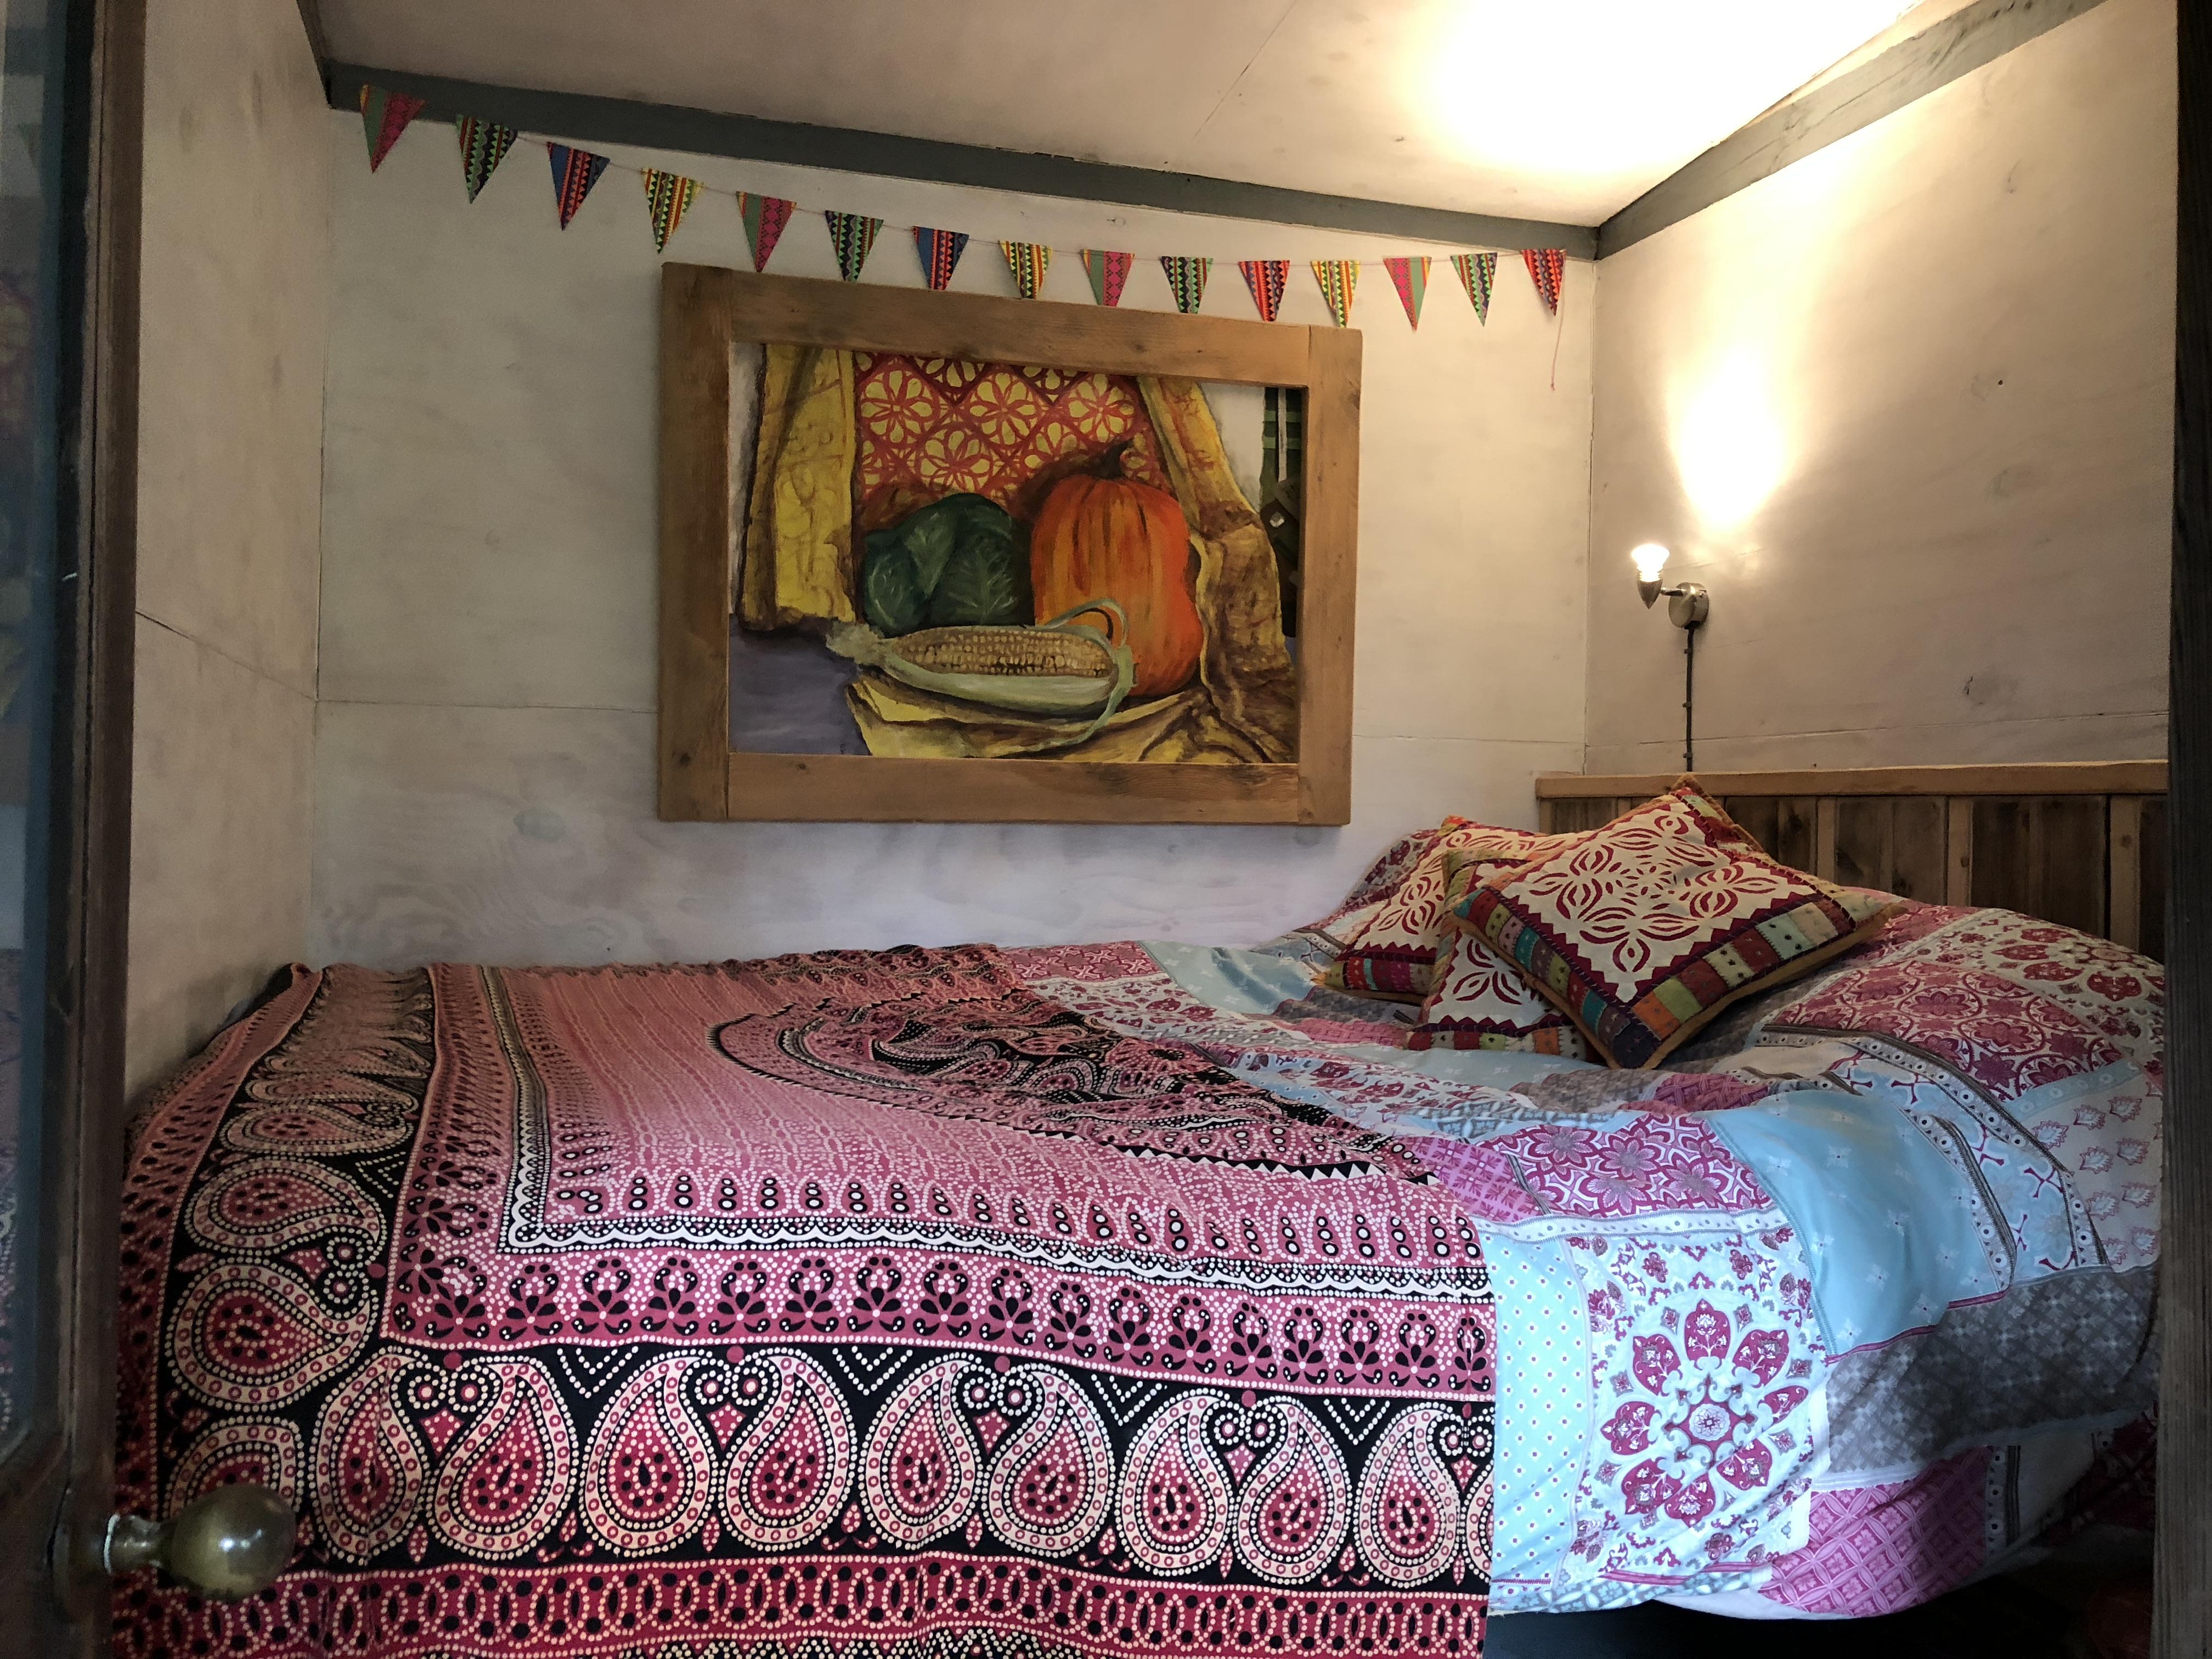 Yurt Bedshed